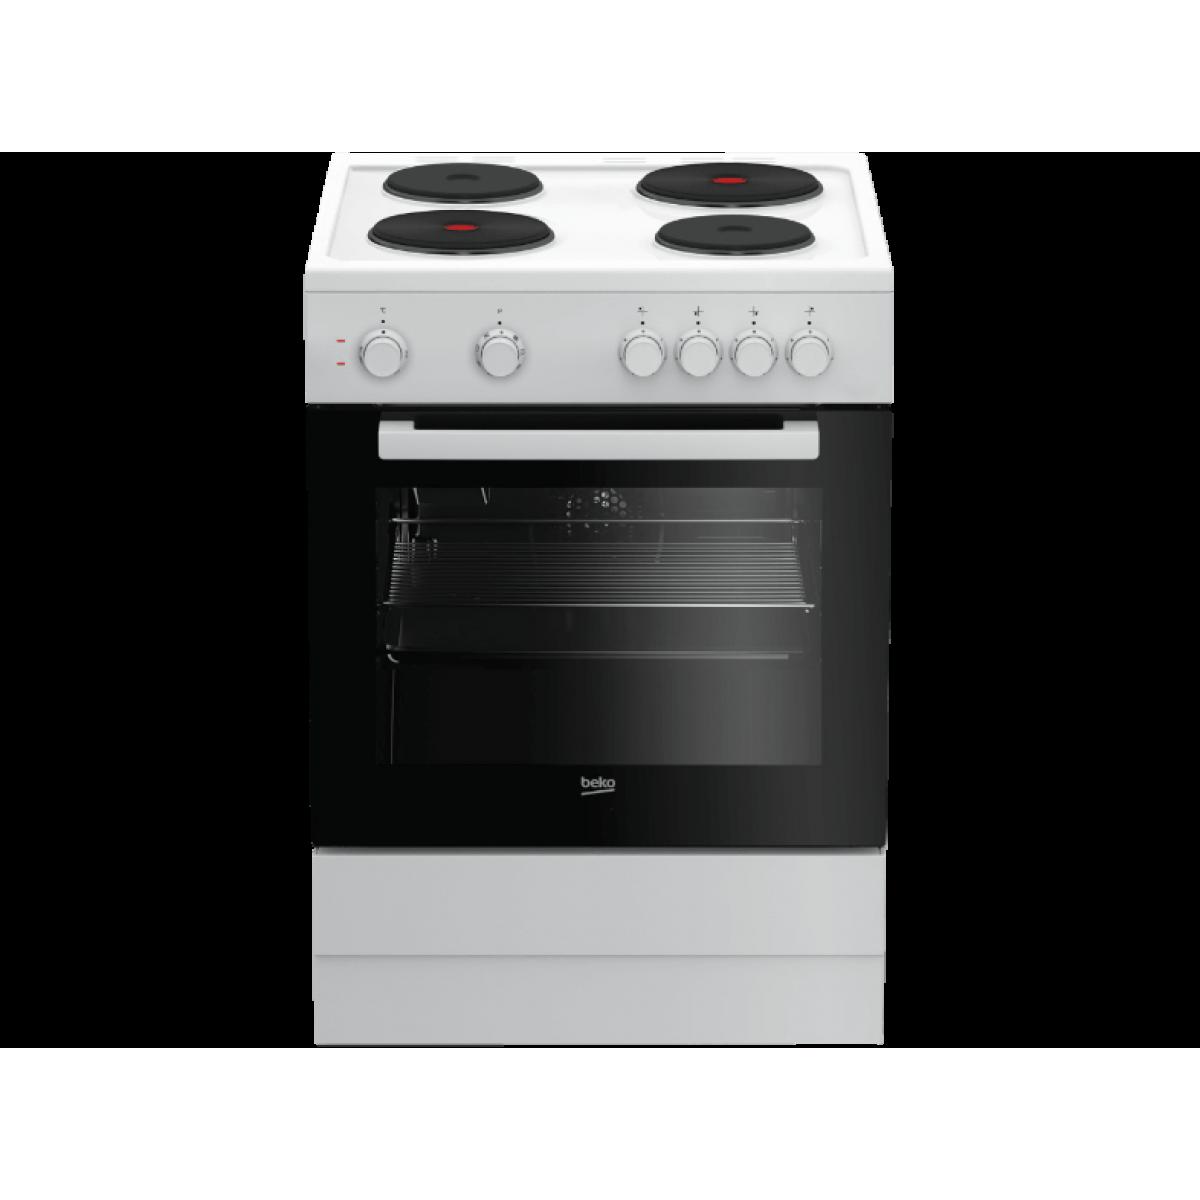 Κουζινες - Beko Κουζίνα Εμαγιέ FSM 66001GW Κουζίνες εμαγιέ Ηλεκτρικες Συσκευες - homeelectrics.gr